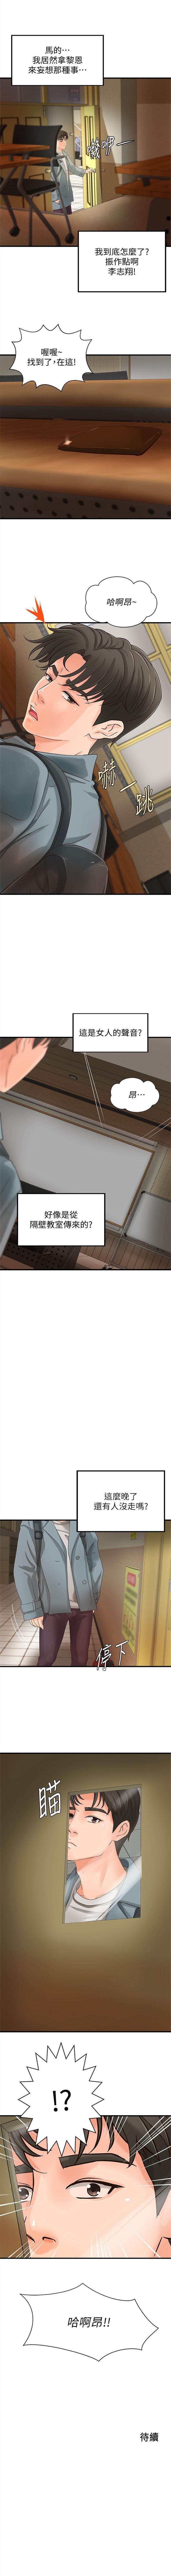 御姐的實戰教學 1-27 官方中文(連載中) 113